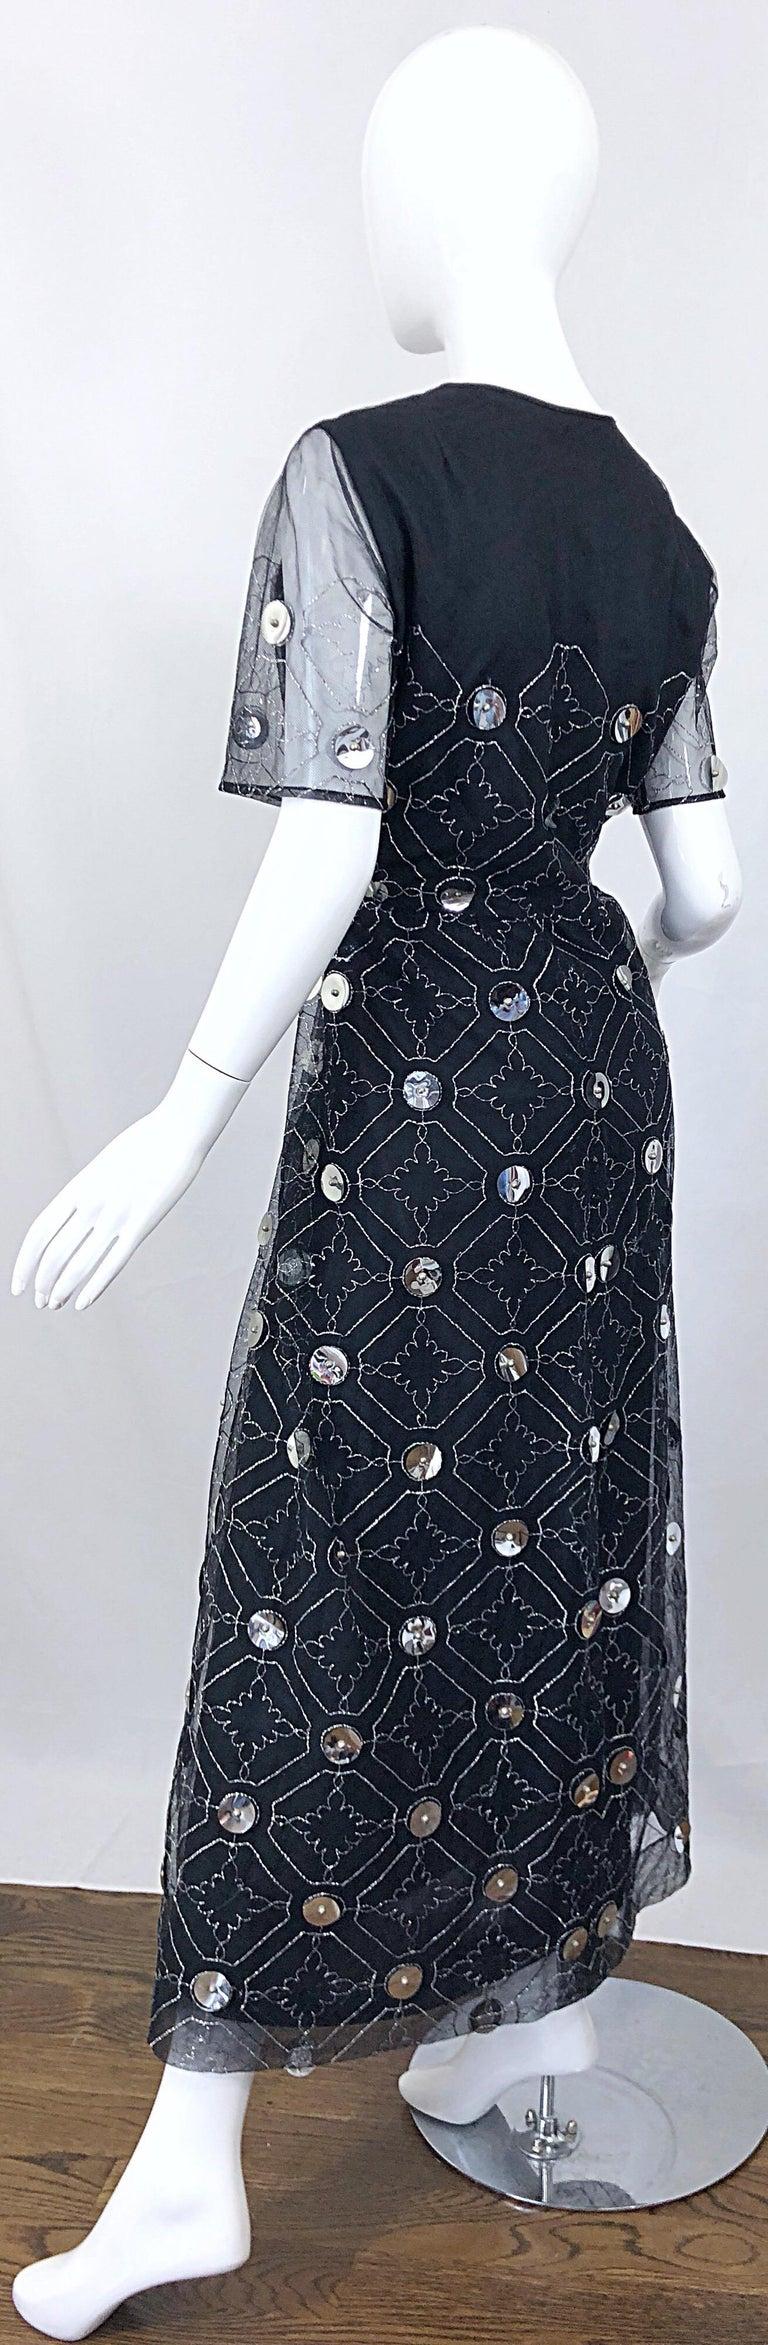 Vintage Oscar de la Renta Sz 10 1970s Black Tulle + Silver Pailletes 70s Gown For Sale 10